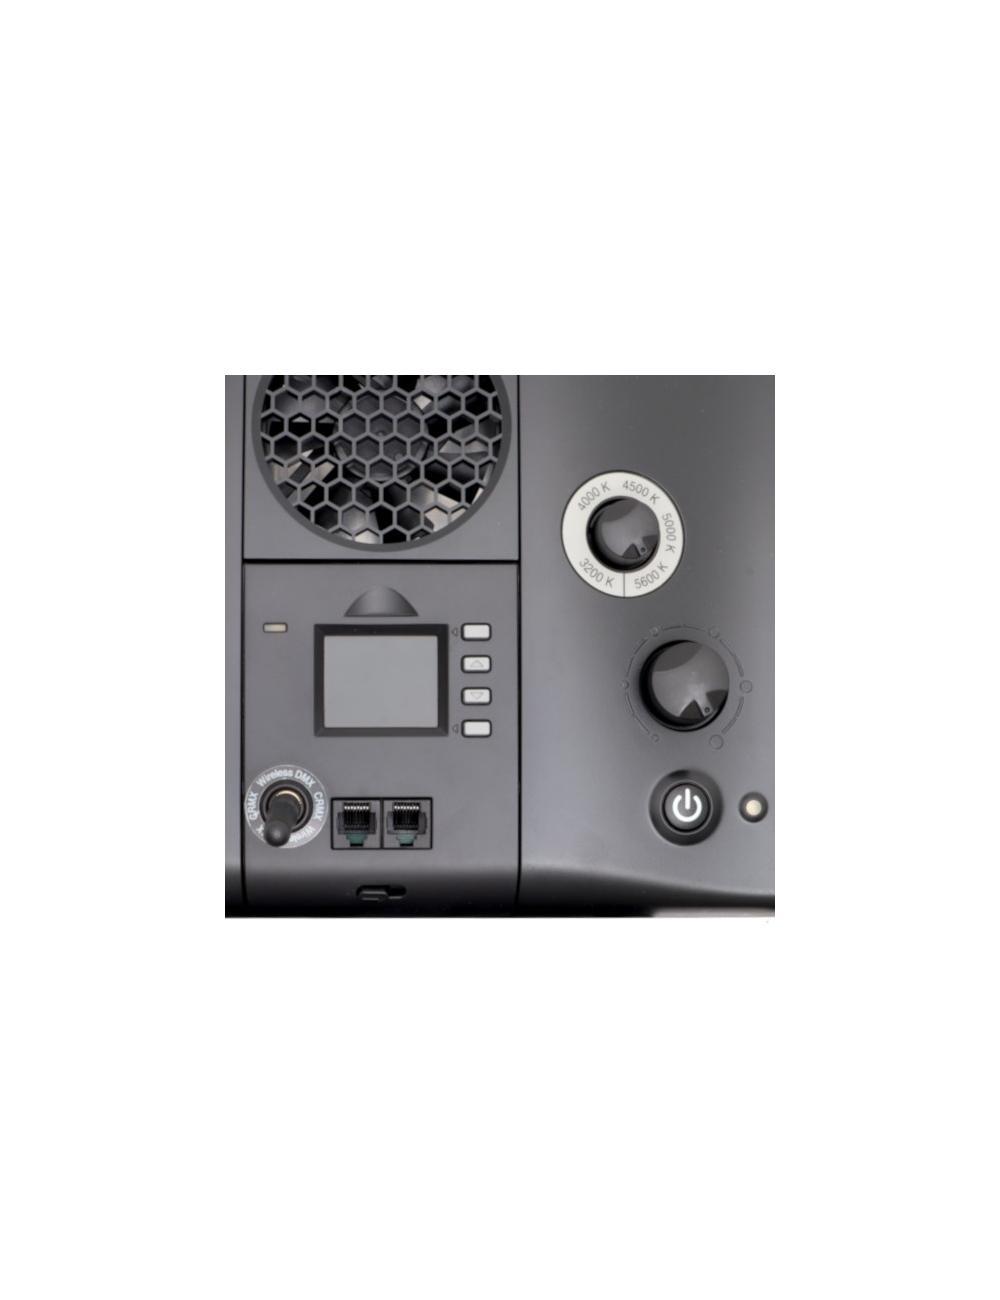 Litepanels Astra Wireless DMX Module